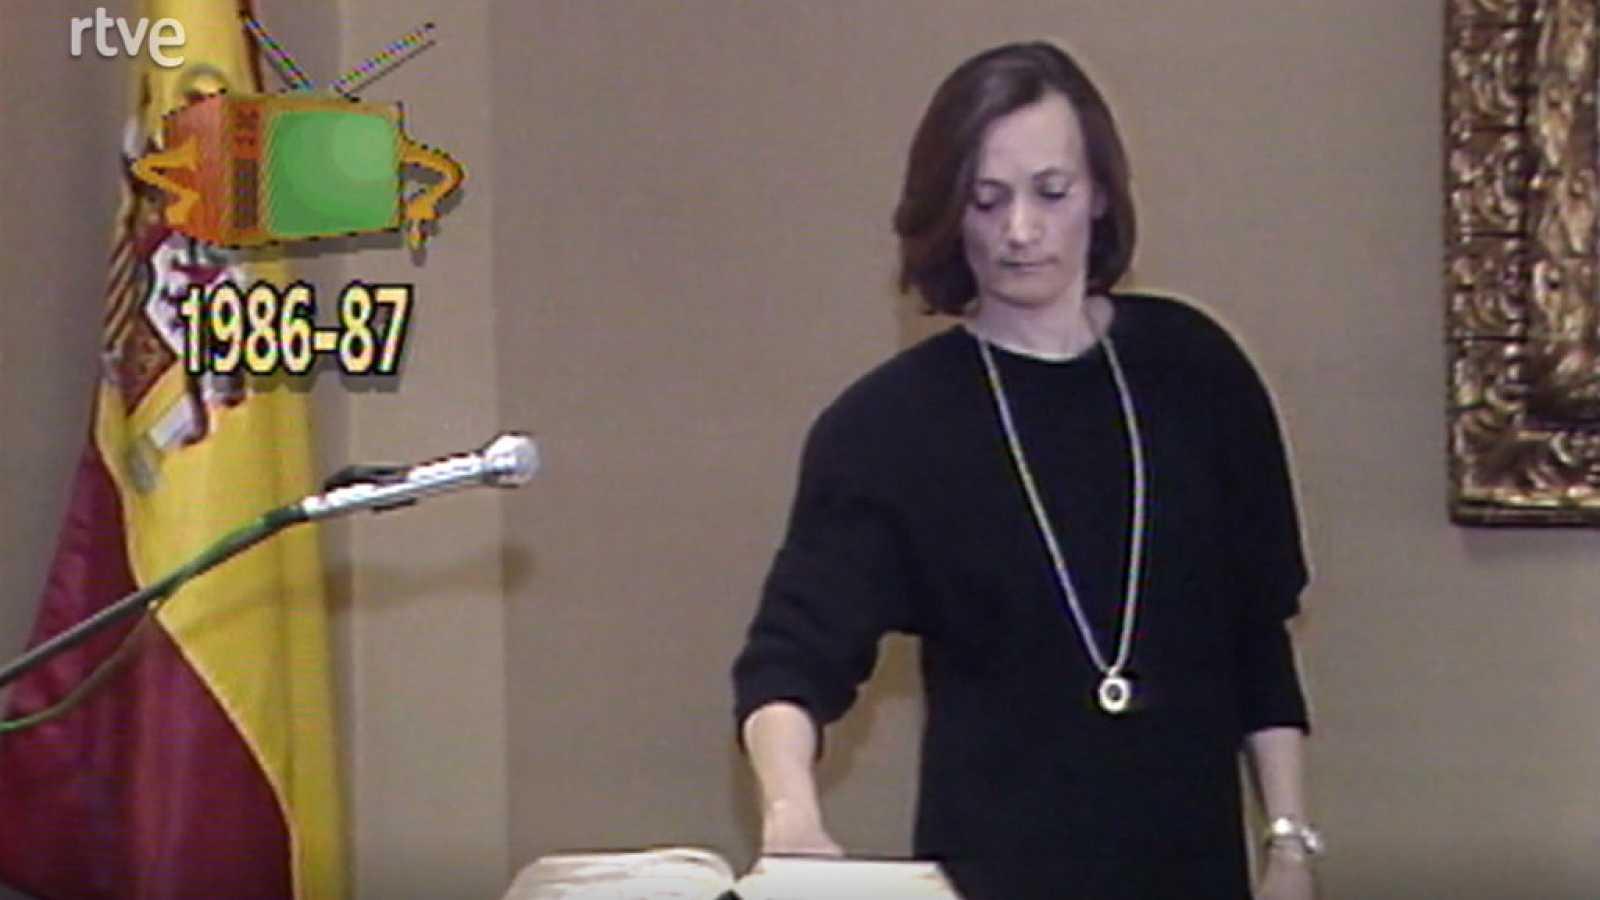 Érase una vez la tele - 1986 a 1987